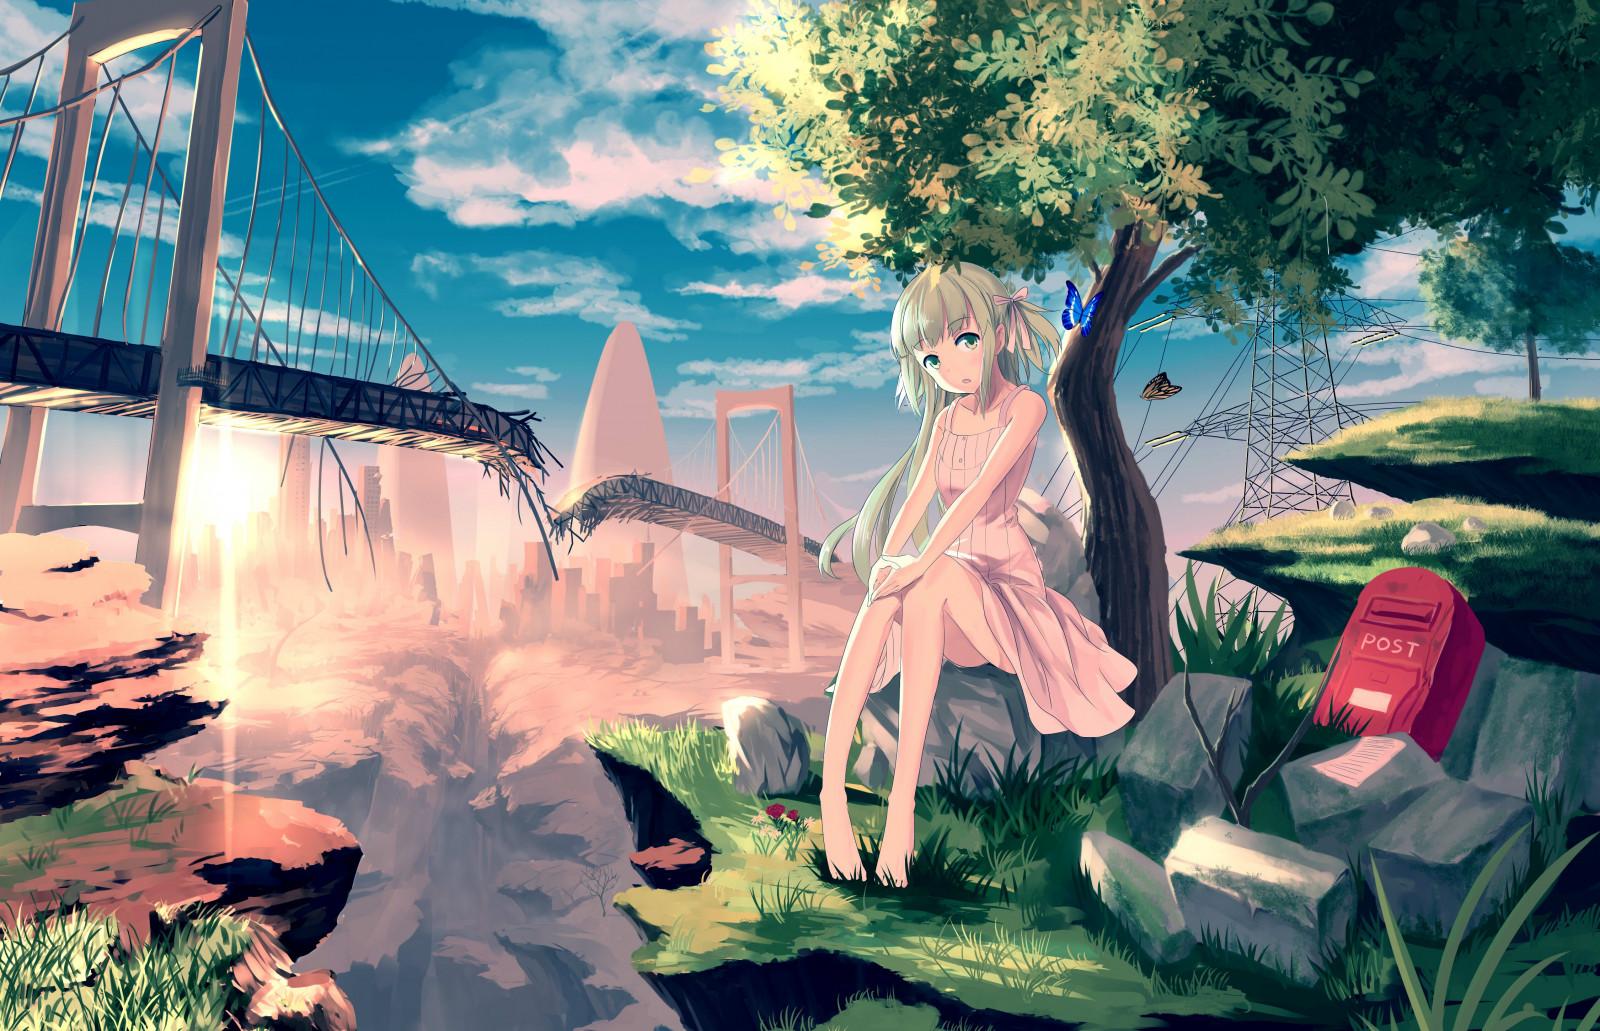 Wallpaper : illustration, long hair, anime girls, brunette